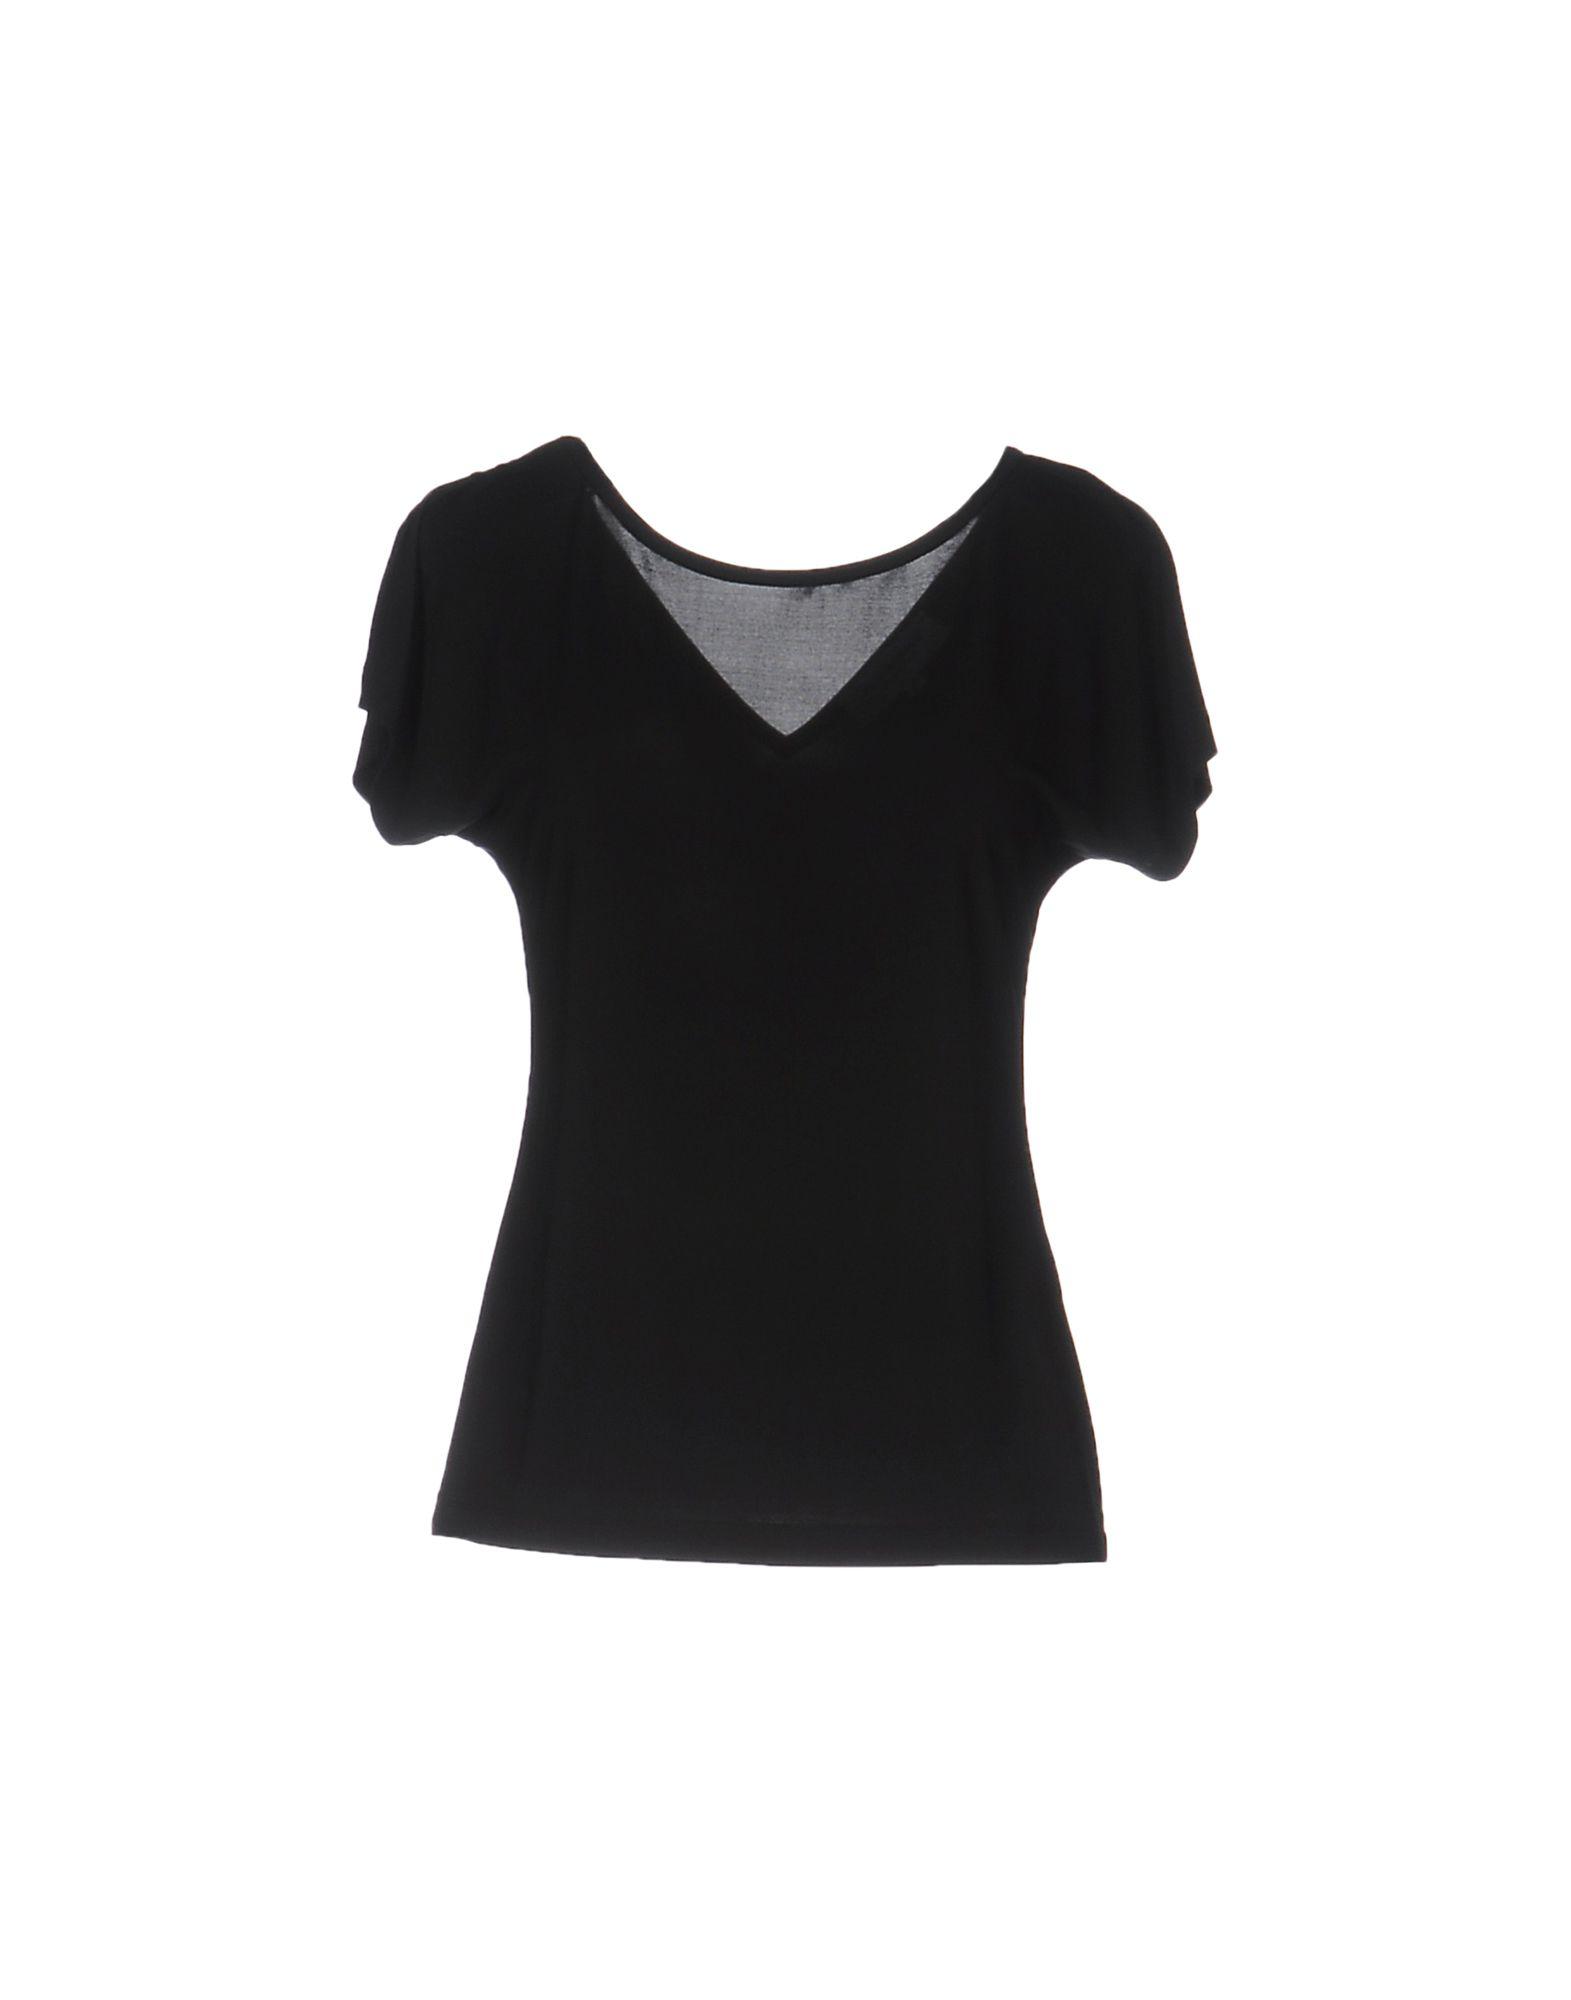 ANNA RACHELE Damen T-shirts Farbe Schwarz Größe 5